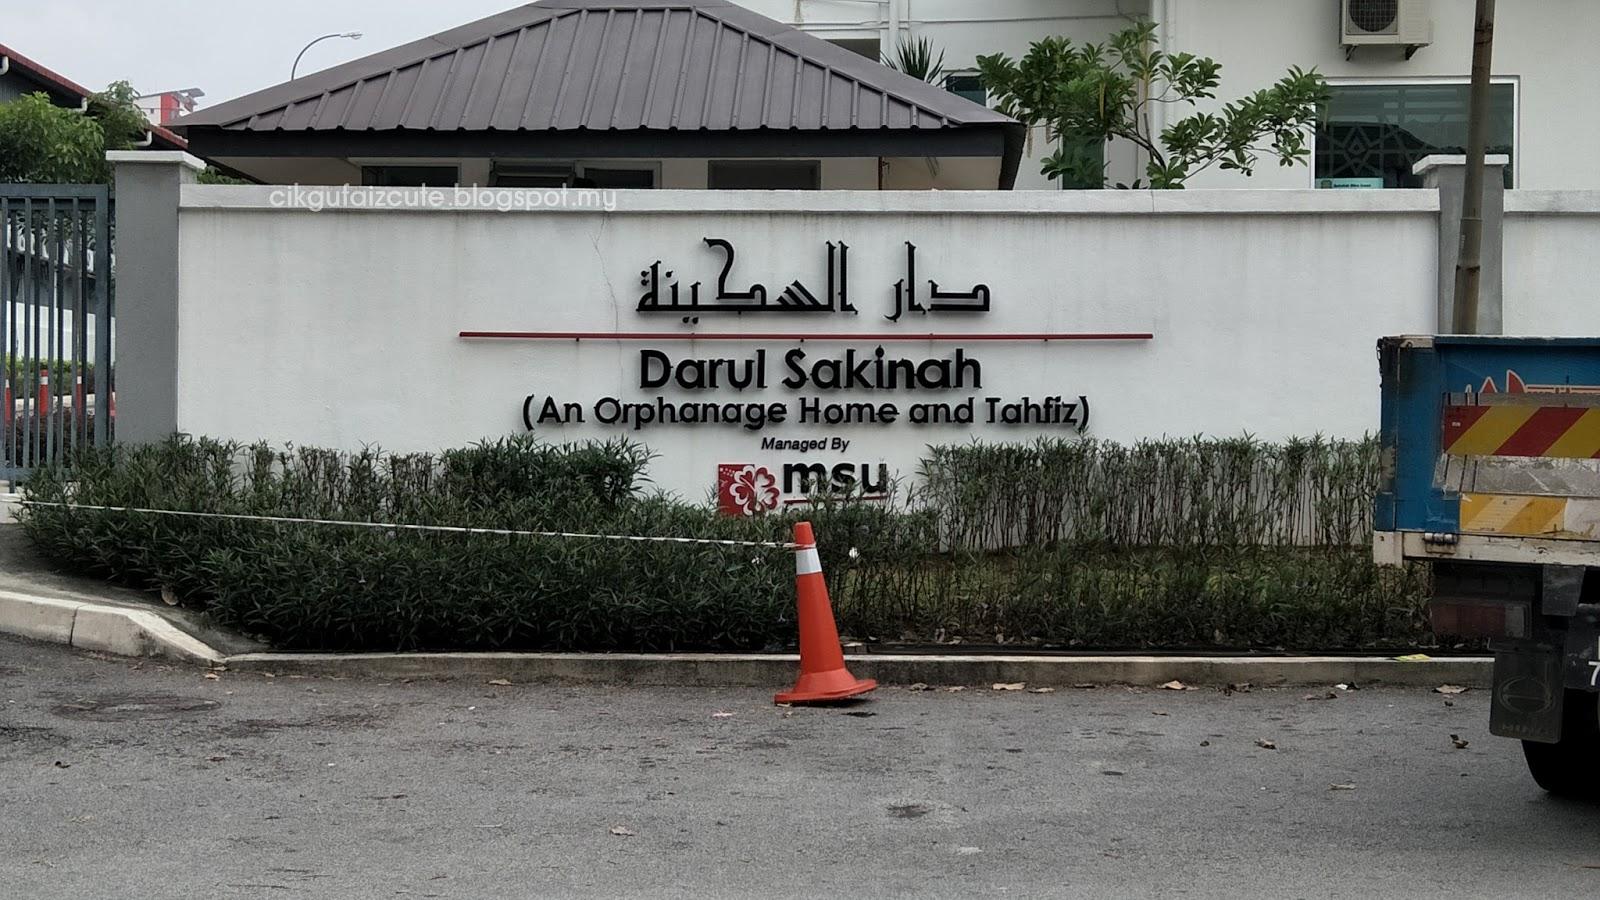 Lokasi Restoran Dapur Utara Ni Berhadapan Dengan Pusat Tahfiz Darul Sakinah Jadi Kepada Orang Puchong Dan Yang Berdekatan Belum Berkesempatan